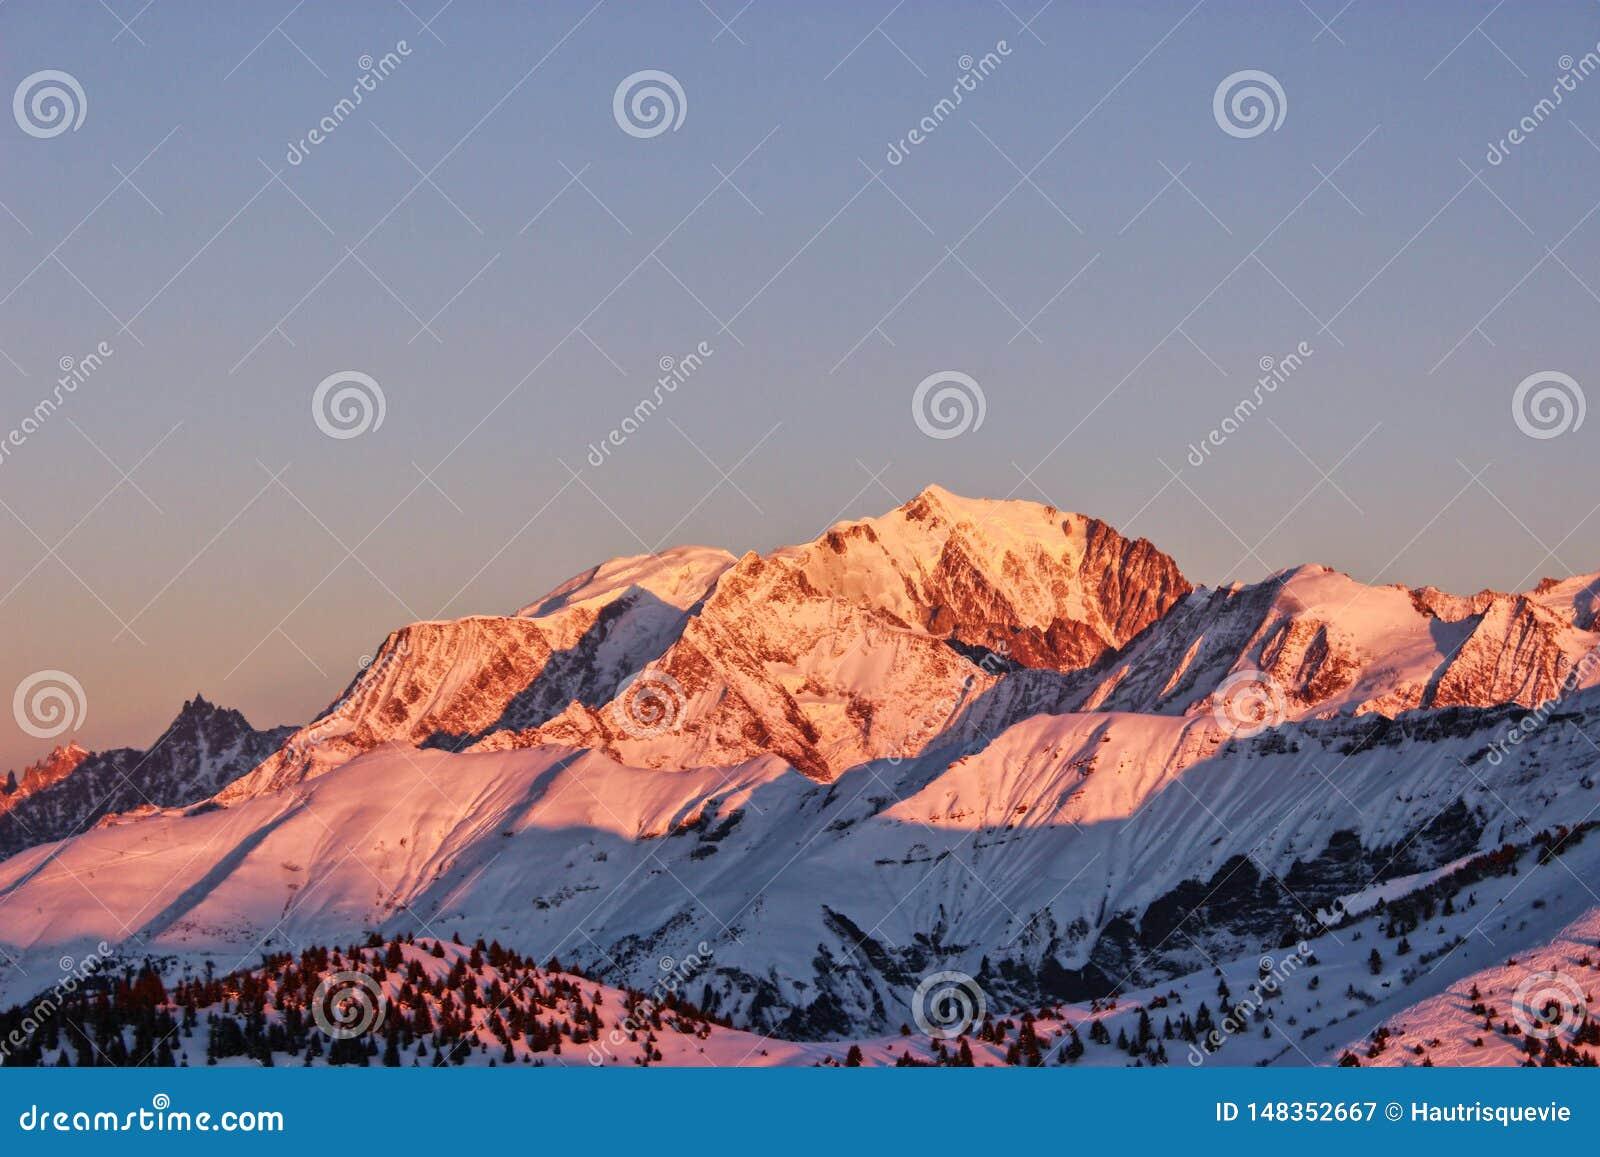 Il Monte Bianco, con il suo migliore fronte